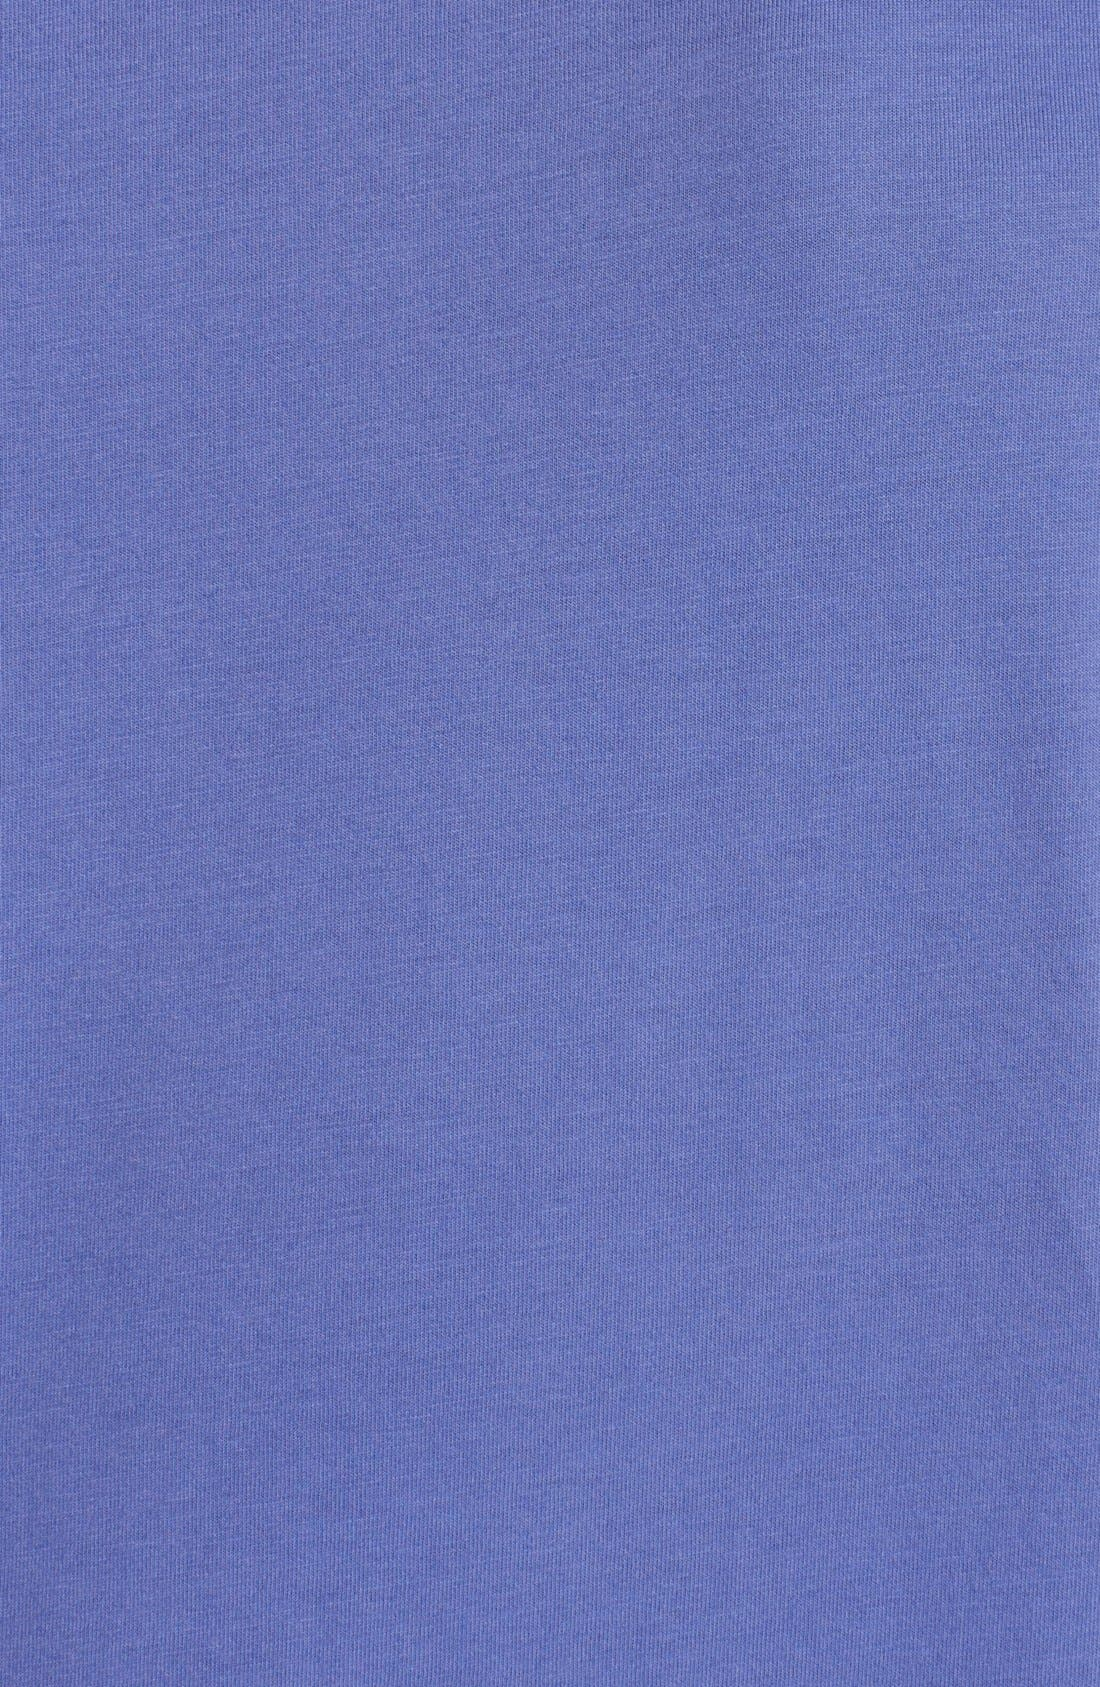 Alternate Image 3  - Robert Barakett 'Adam' Double V-Neck T-Shirt